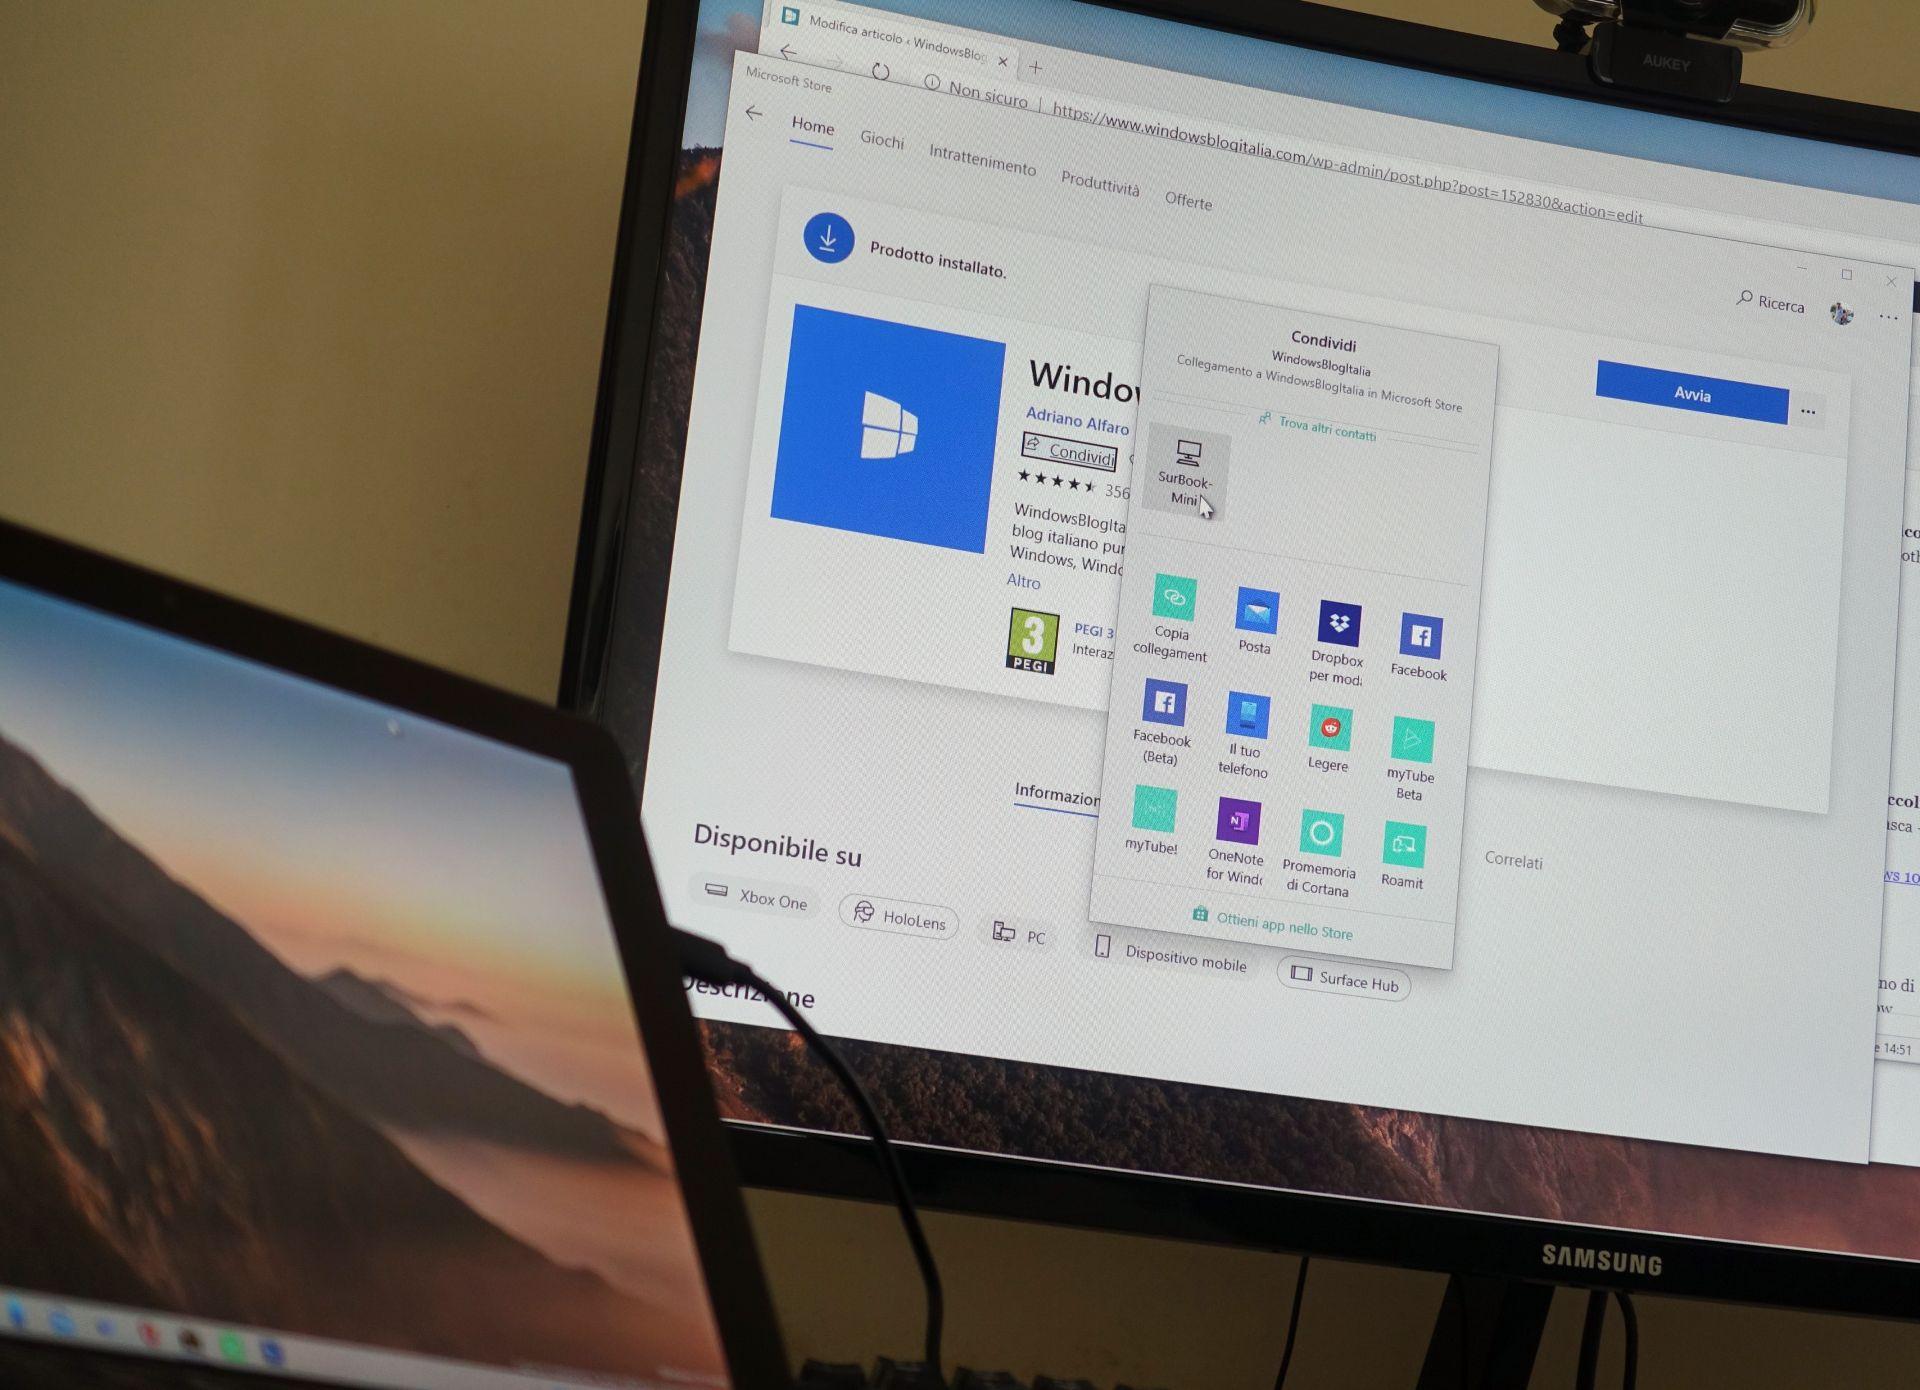 Condivisione in prossimità tra PC con Windows 10 grazie all'adattatore Bluetooth USB400 di ASUS